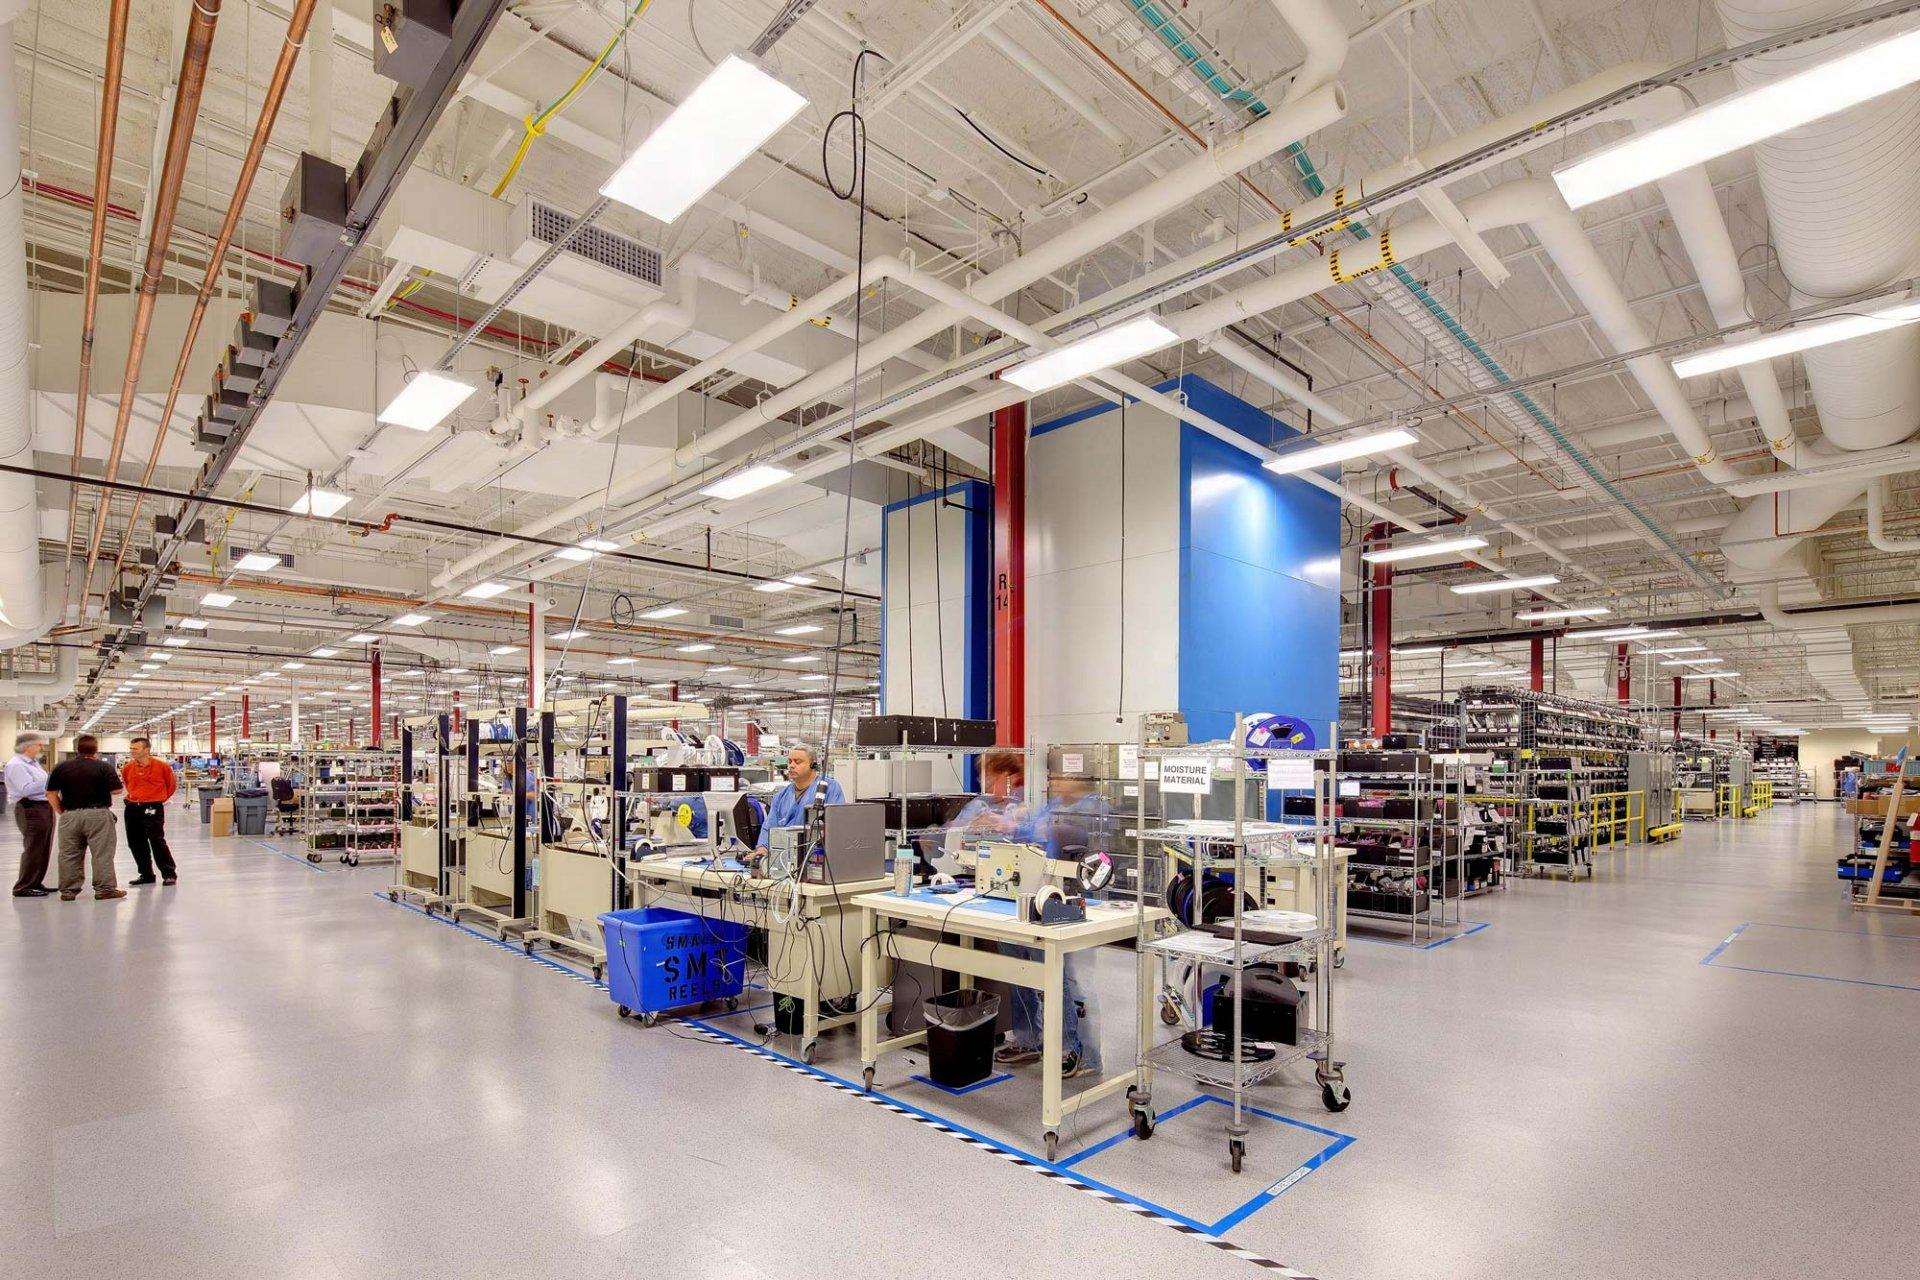 industrial manufacturing engineering  engineering